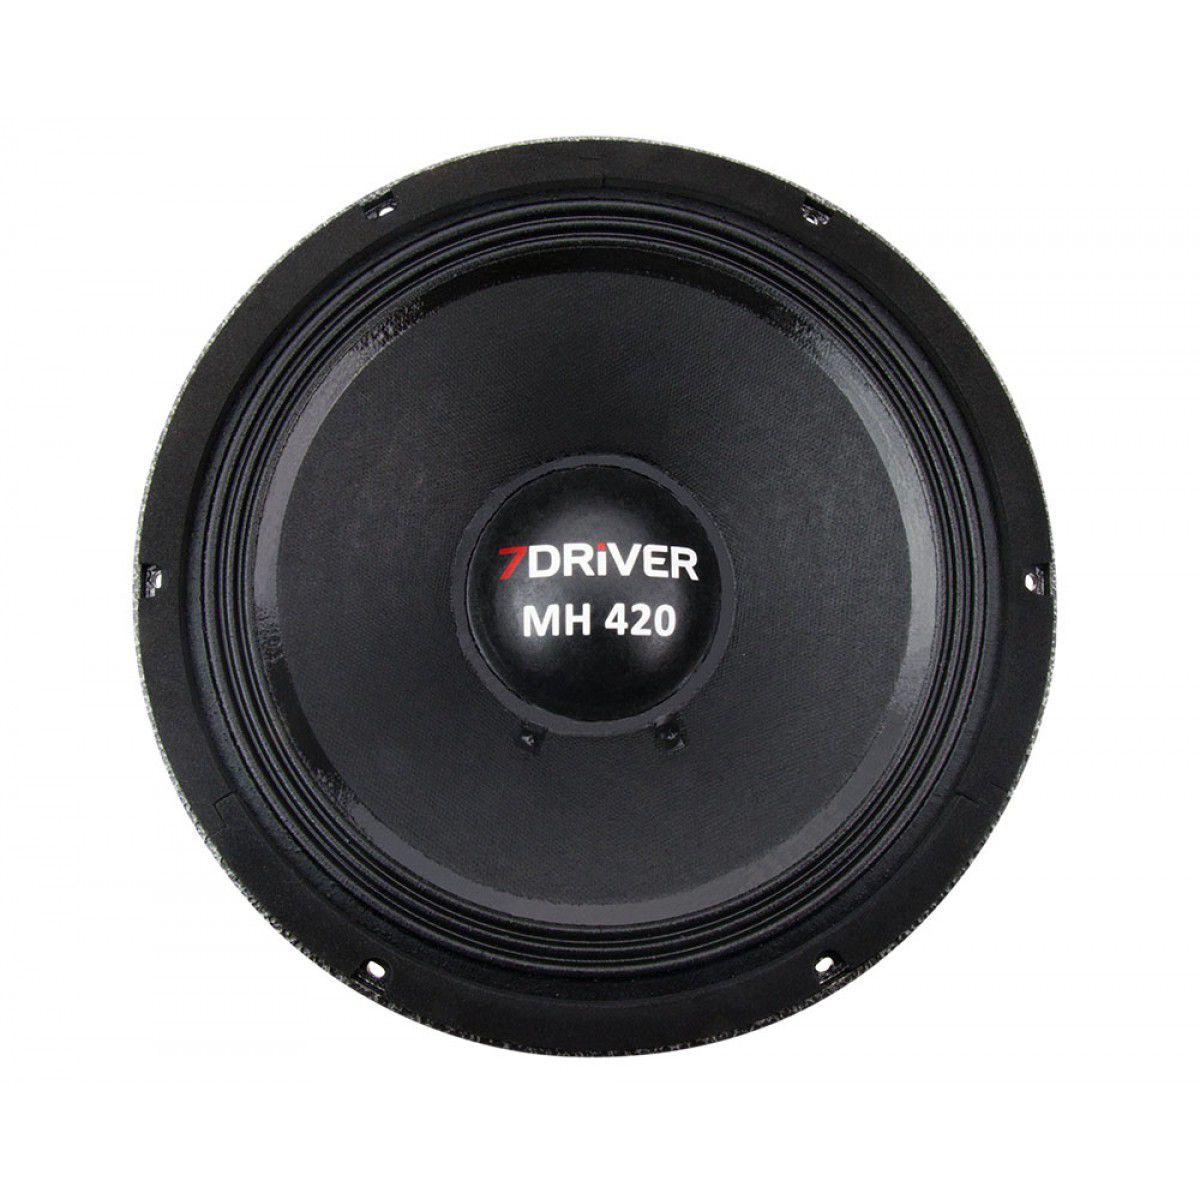 Alto Falante Woofer 7 Driver Mh420 10 Pol 8ohms